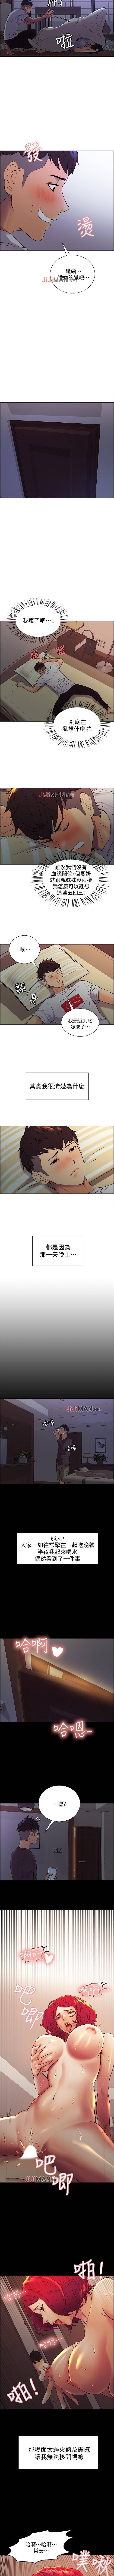 【周二连载】室友招募中(作者:Serious) 第1~13话 6